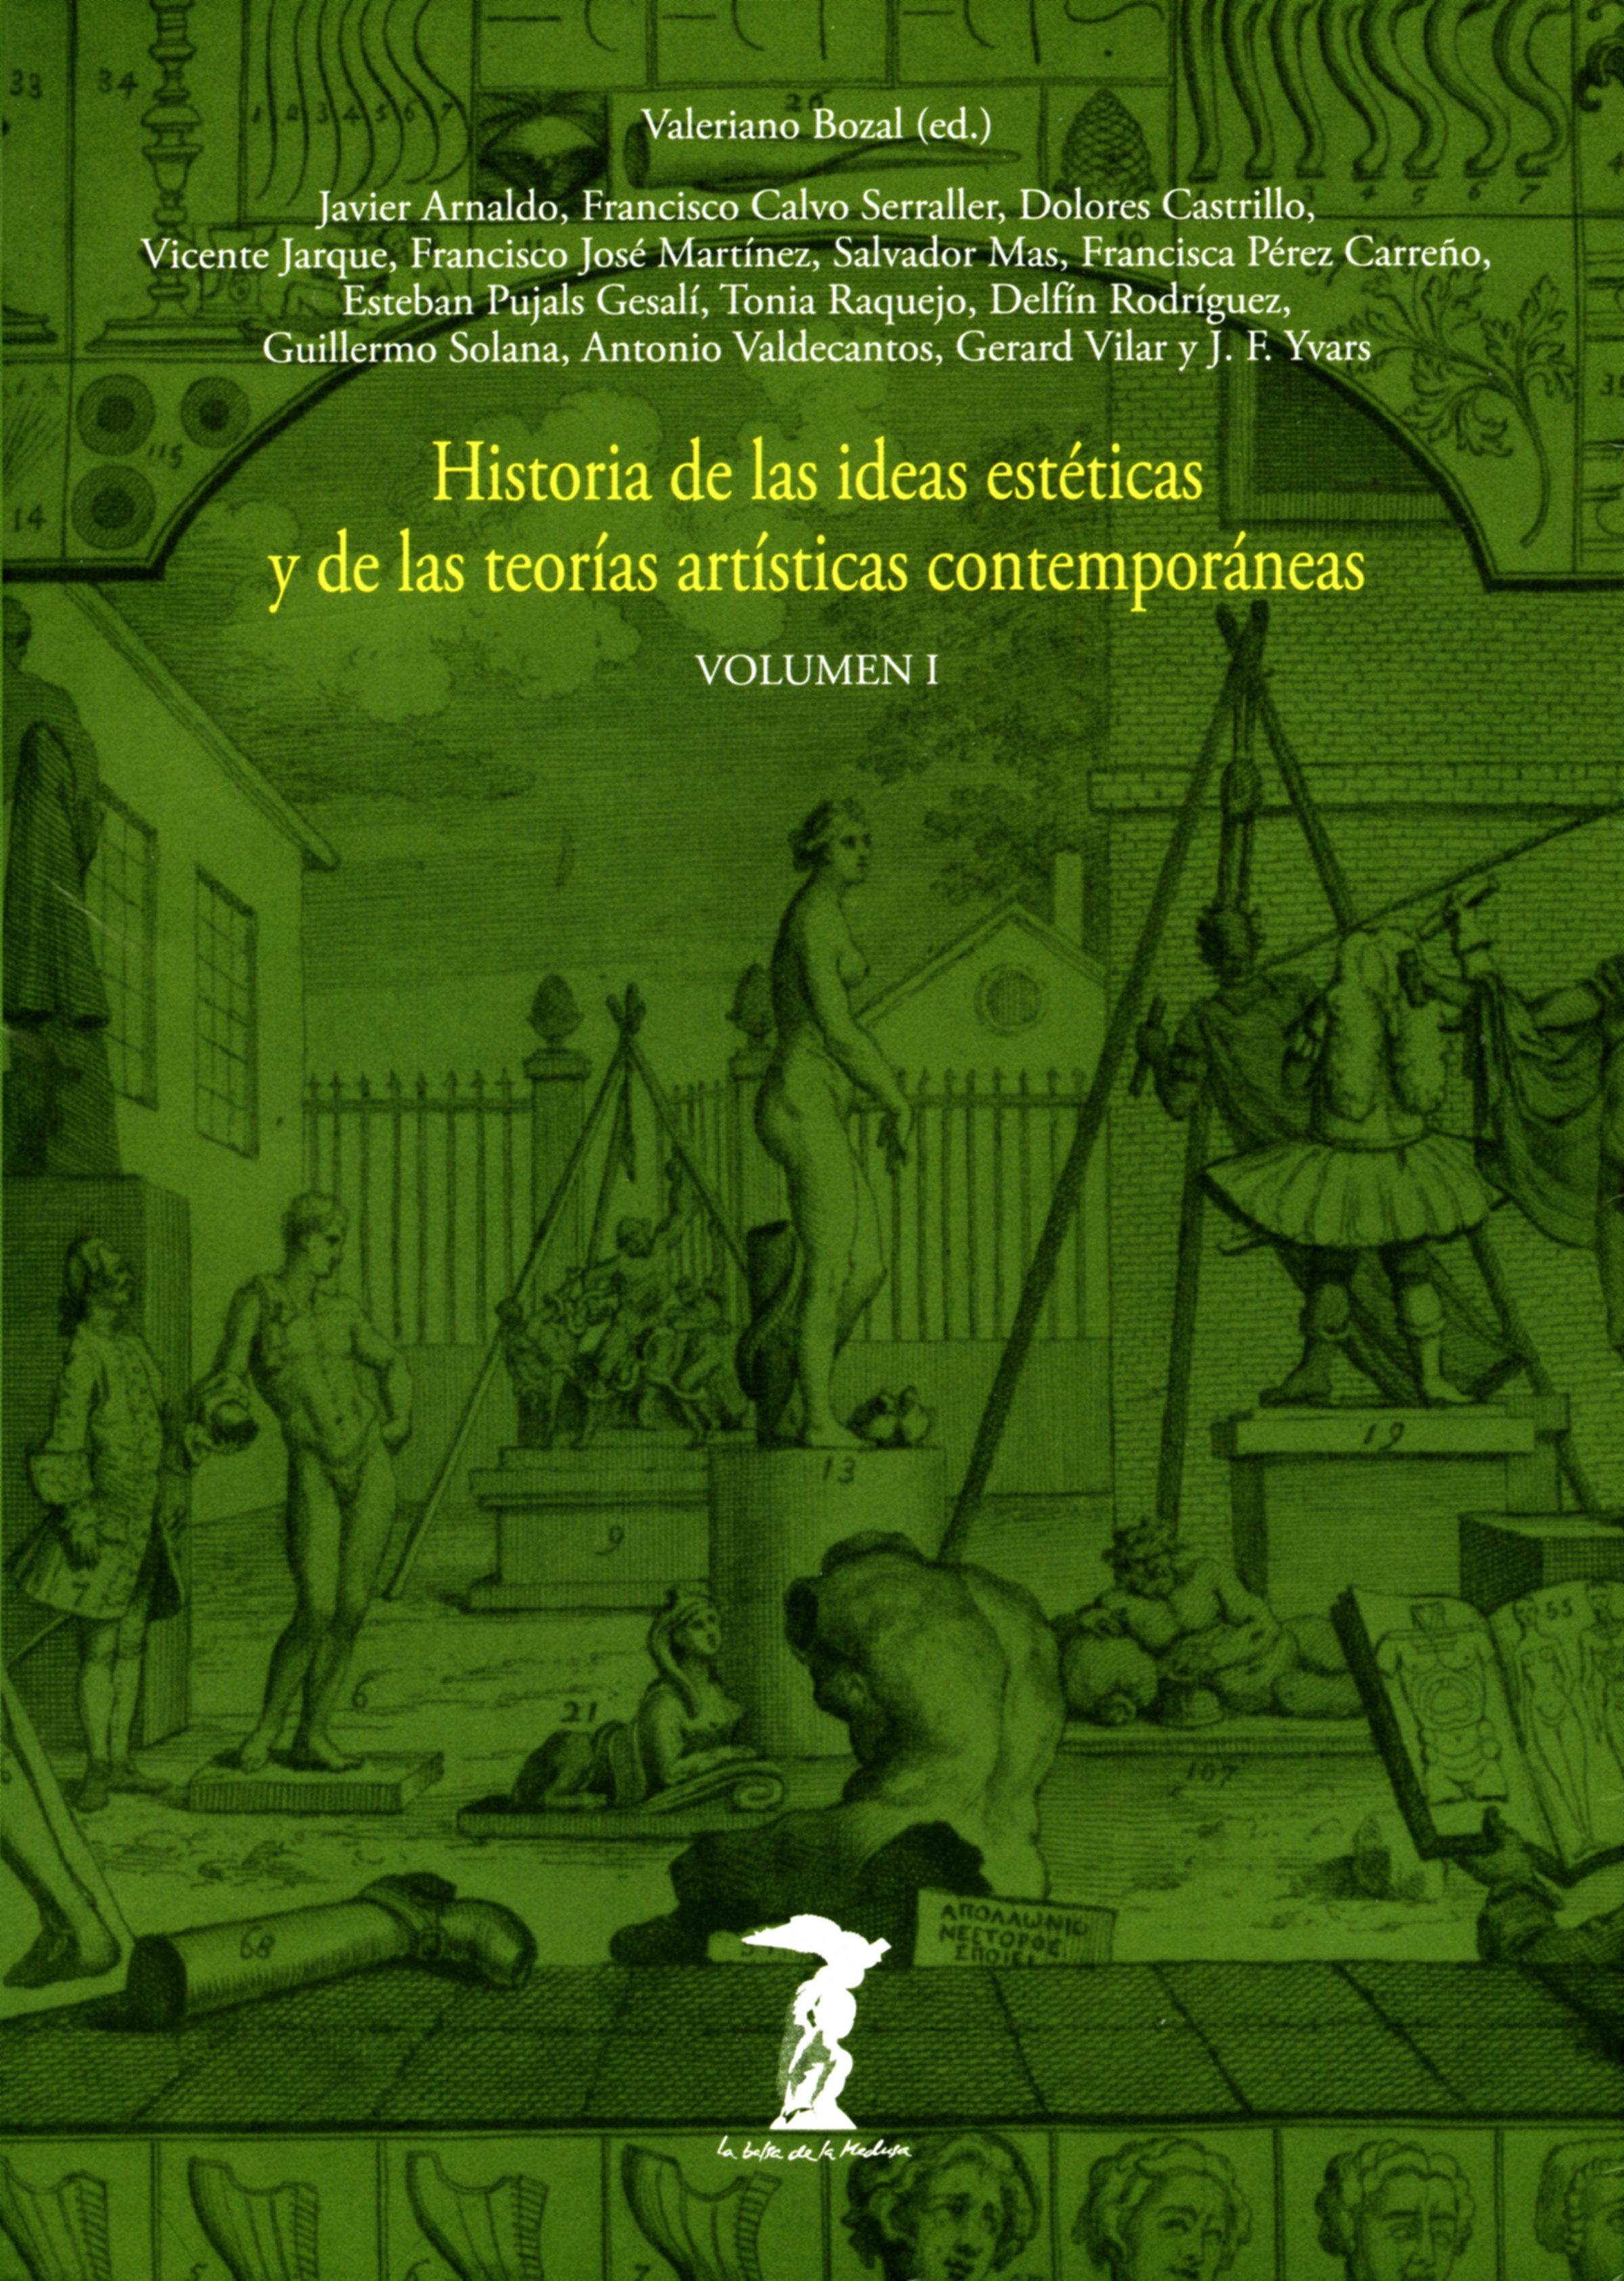 Historia de las ideas estéticas y de las teorías artísticas contemporáneas. Vol. 1 (La balsa de la Medusa nº 80)